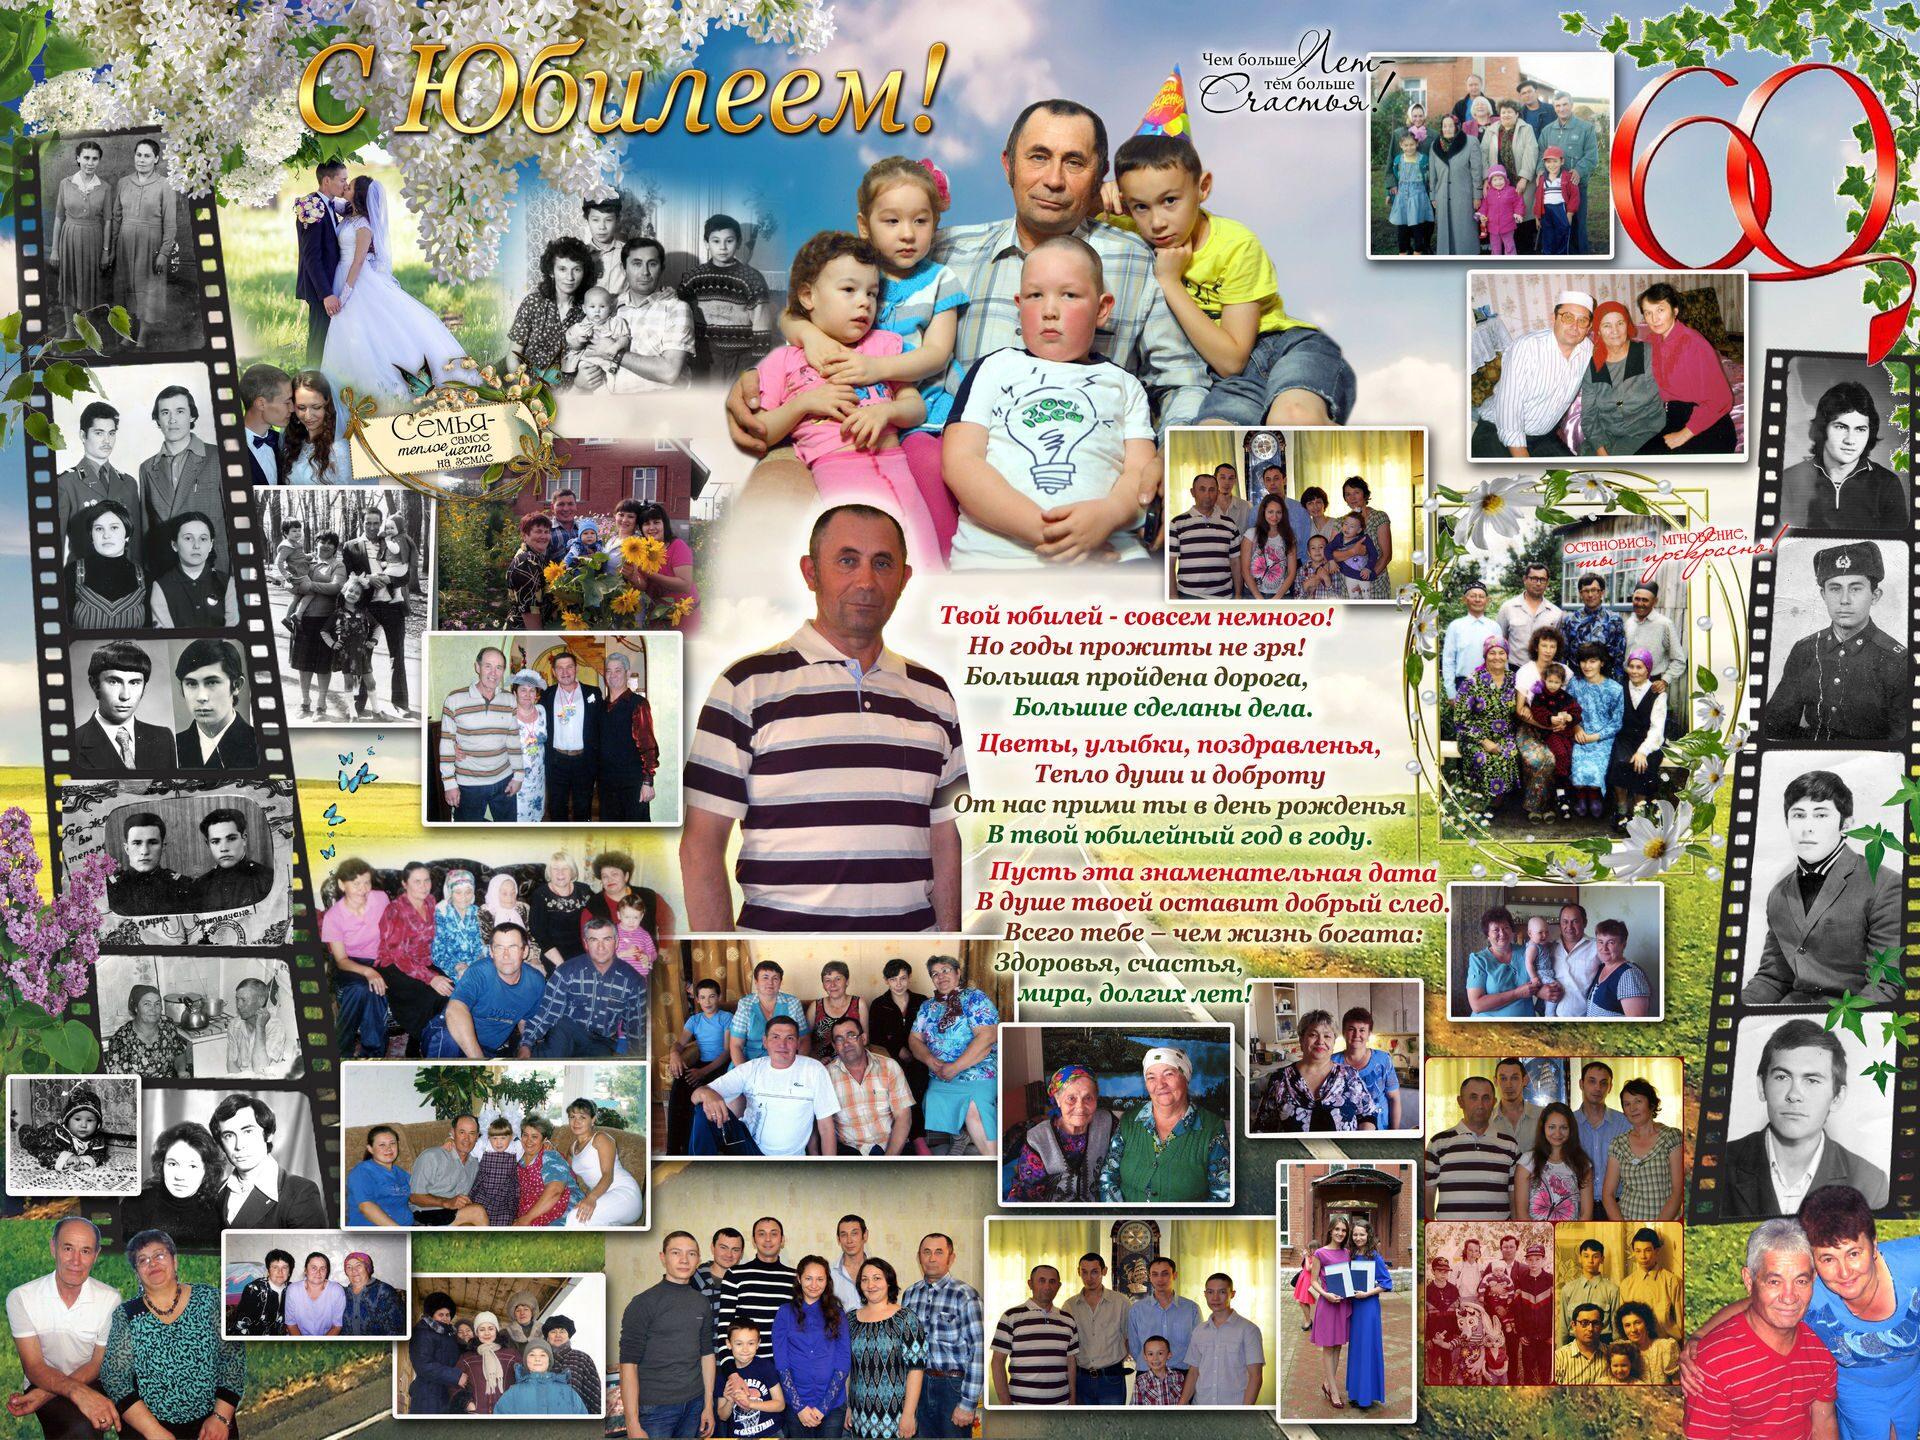 Поздравление дедушке с юбилеем от внуков (стихи, проза) 80